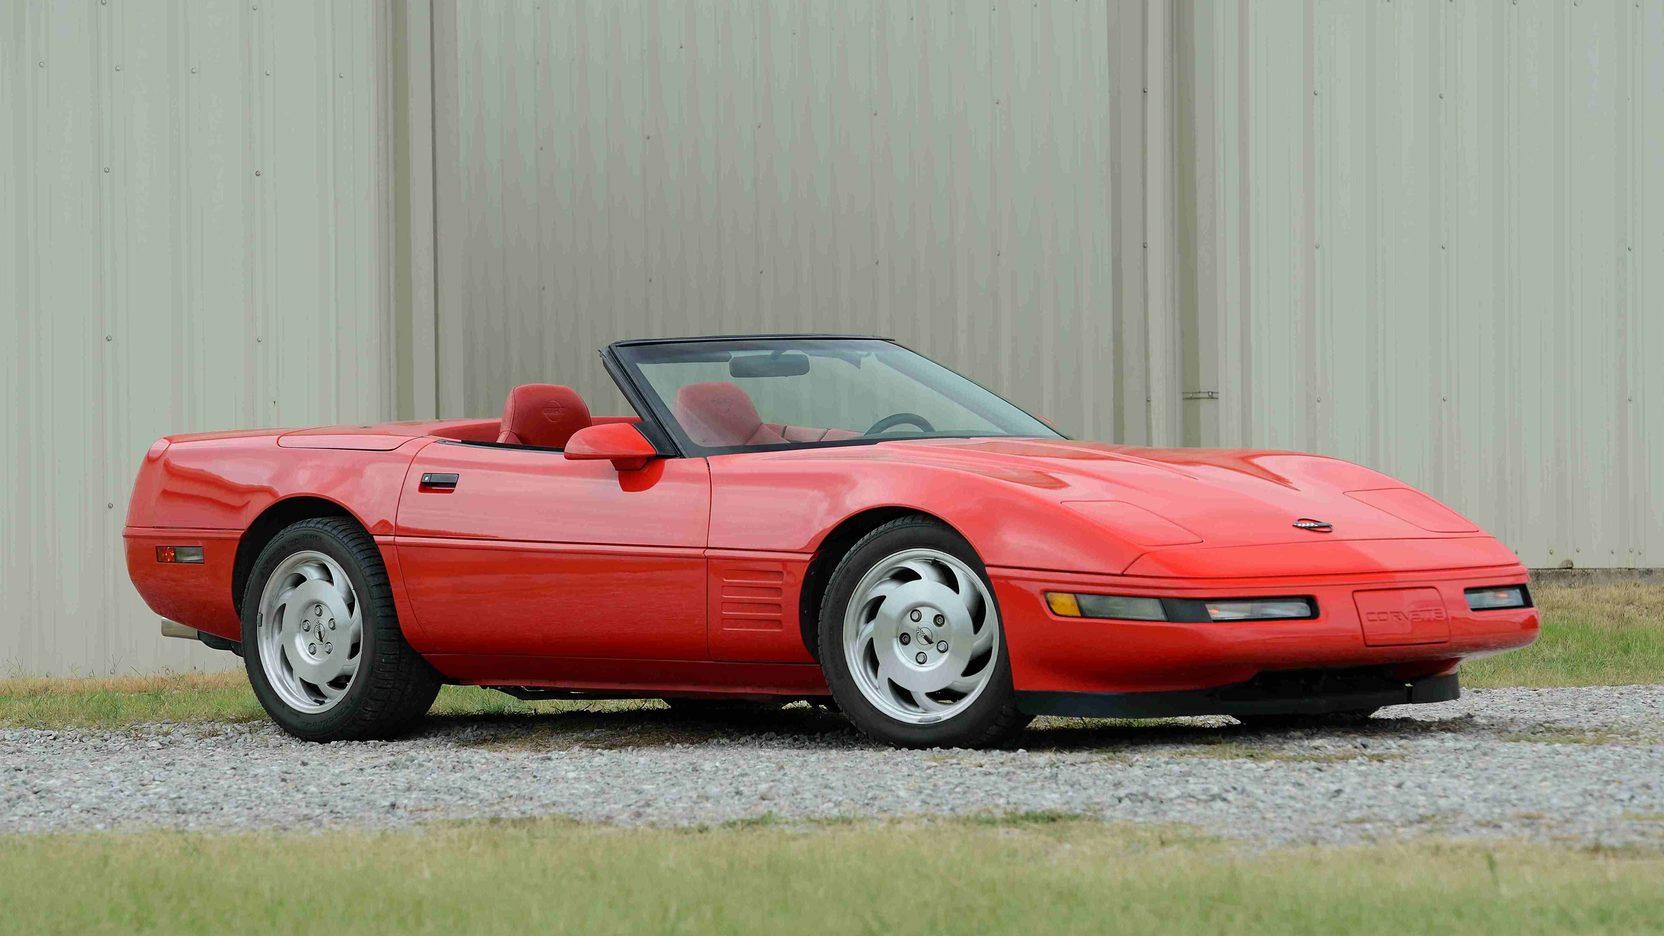 1994 Chevrolet Corvette front 3/4 c4